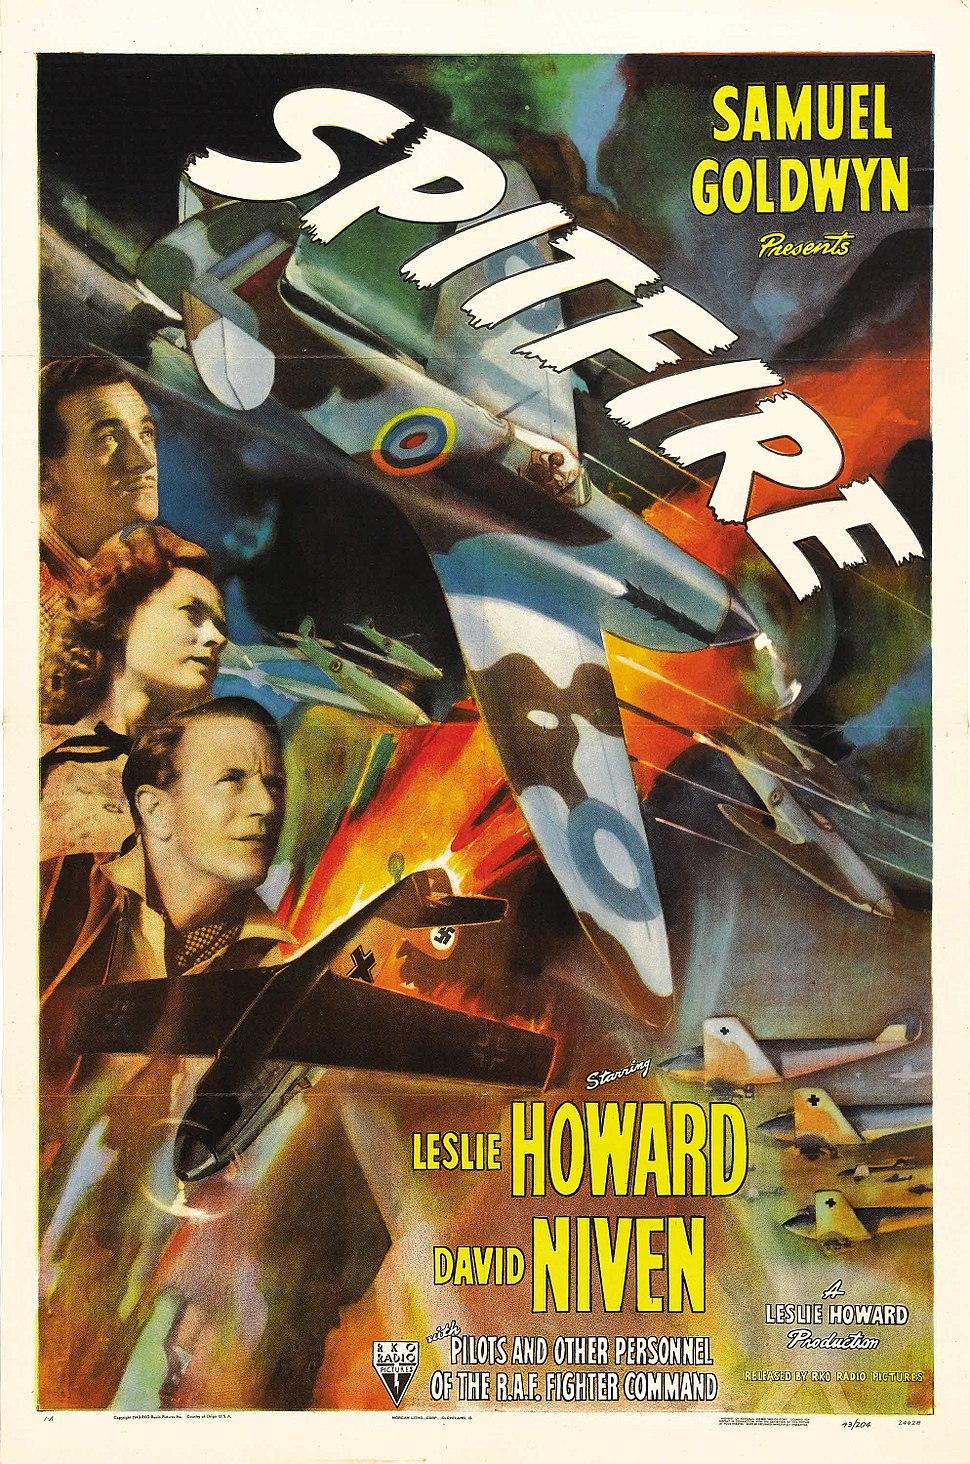 Spitfire-Poster-1943